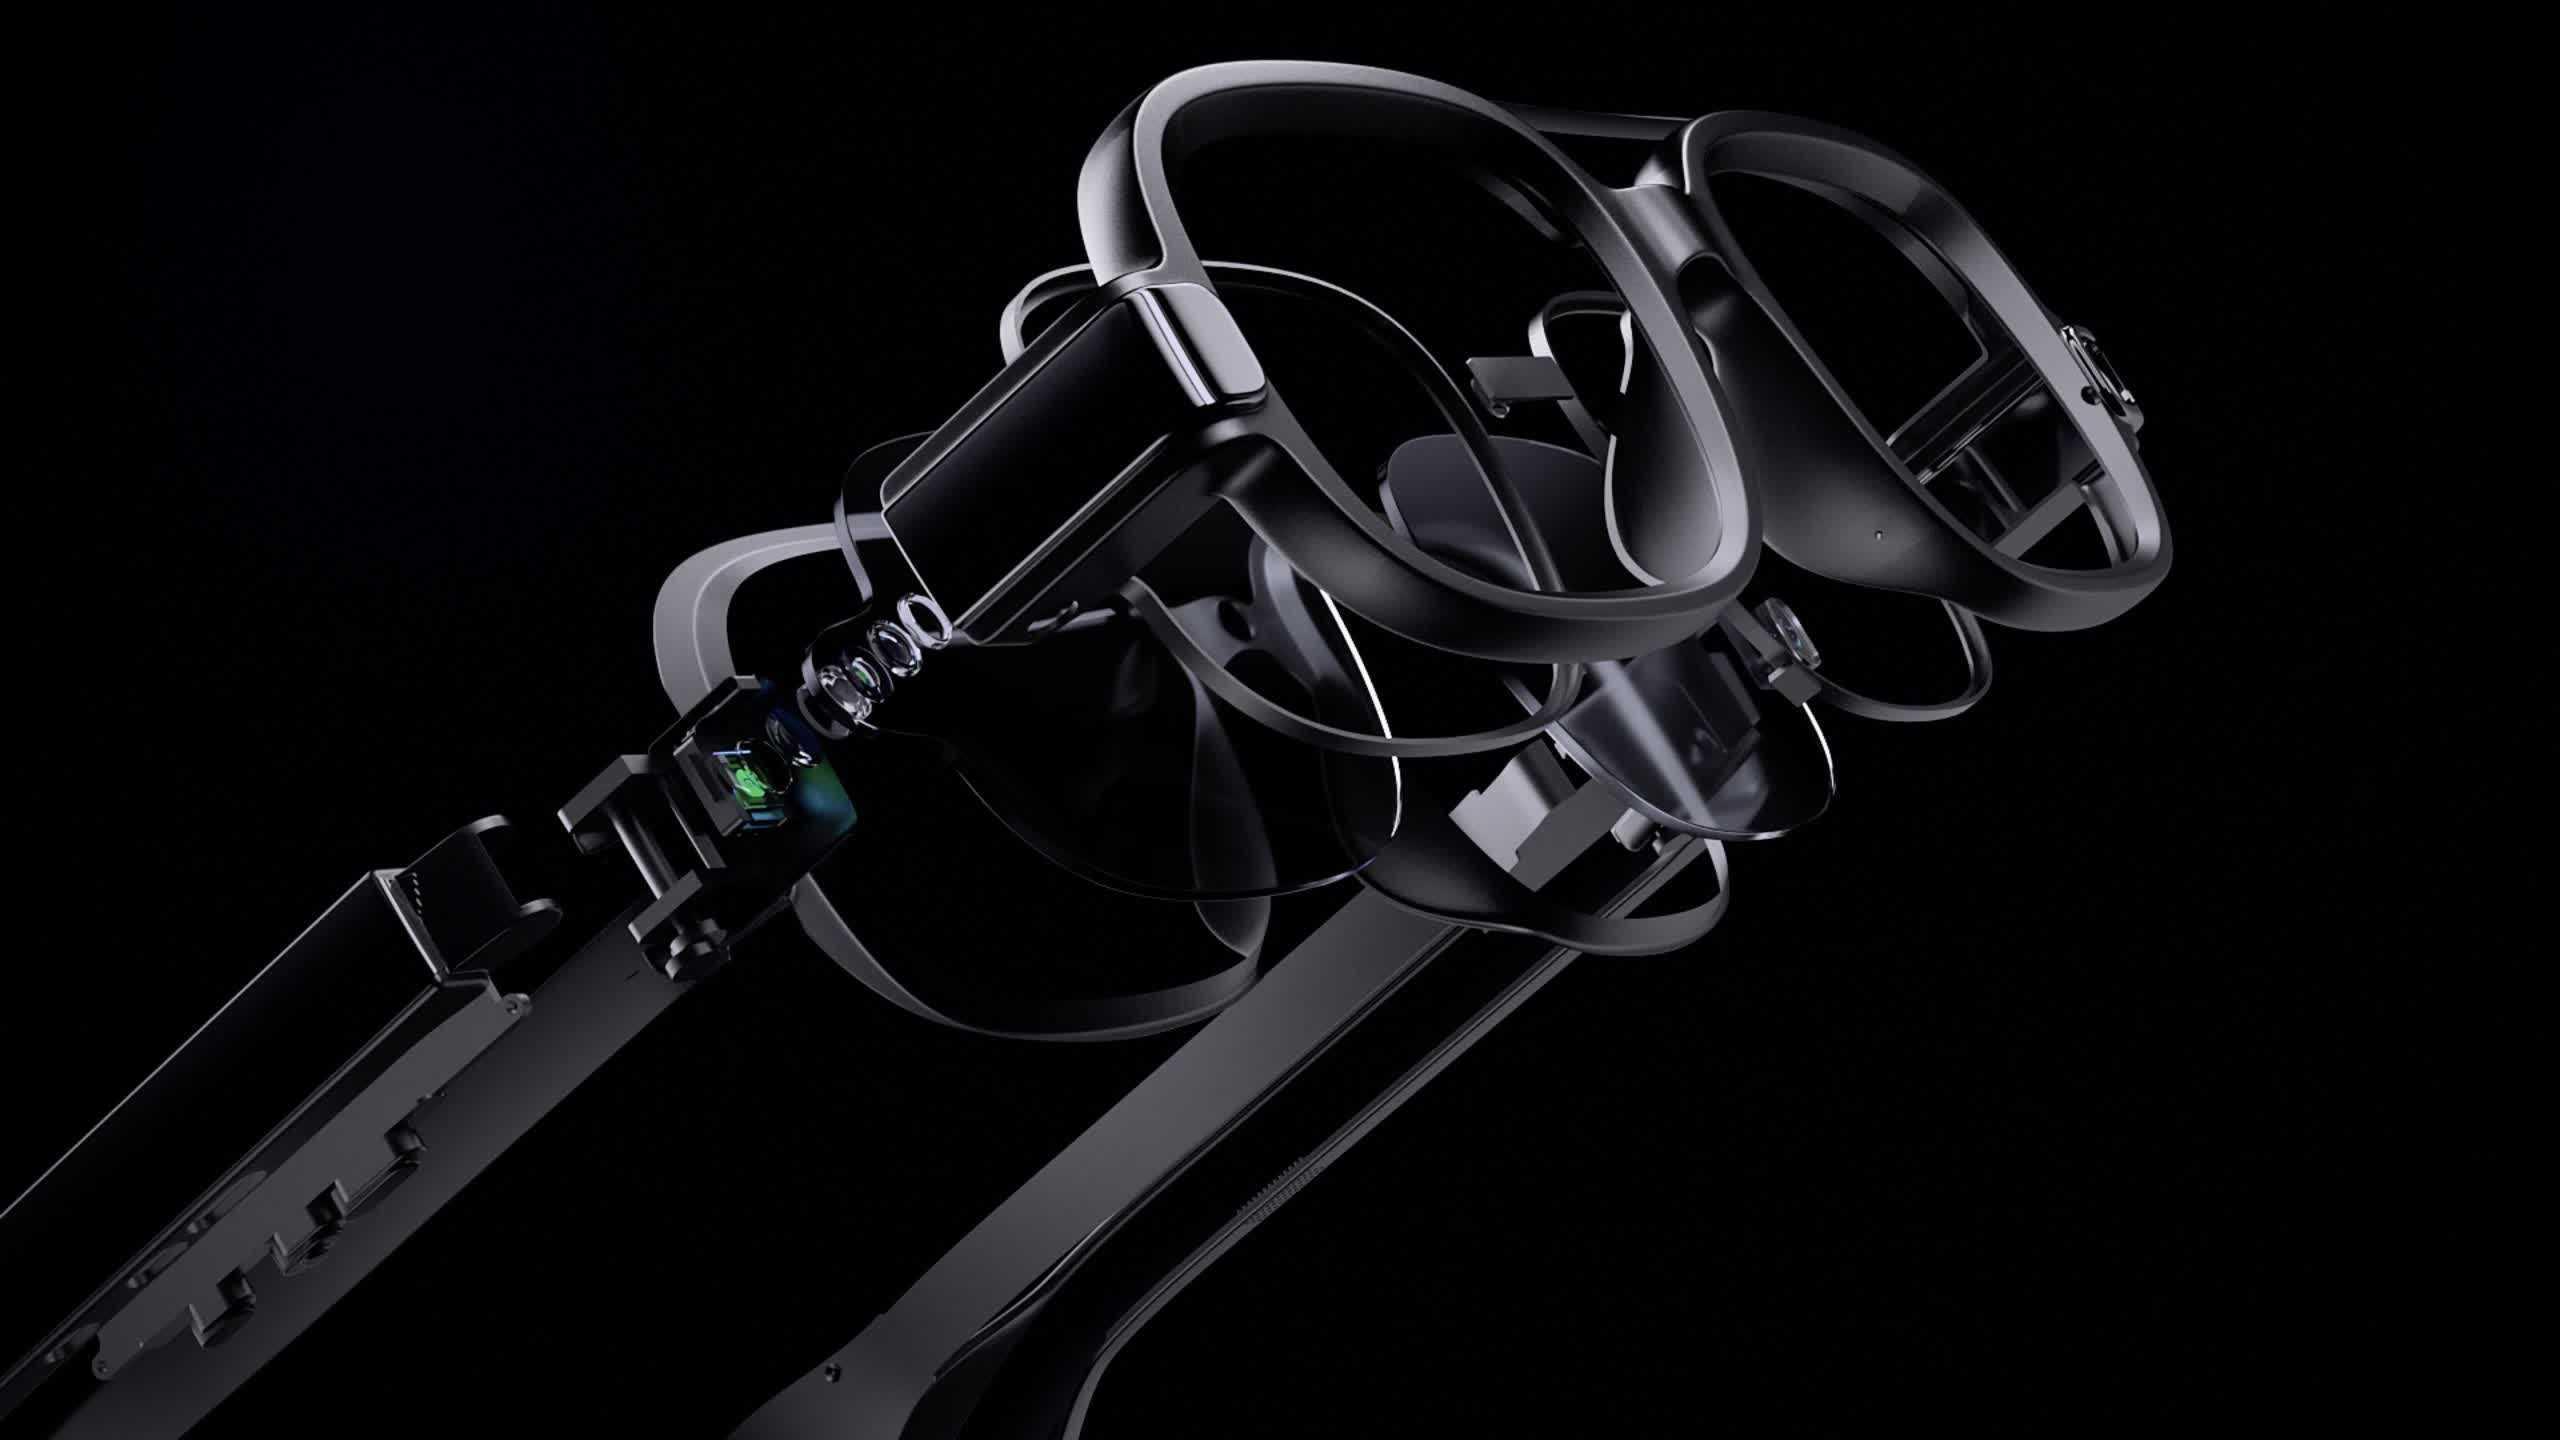 Xiaomi dit que ses lunettes intelligentes pourraient remplacer votre telephone